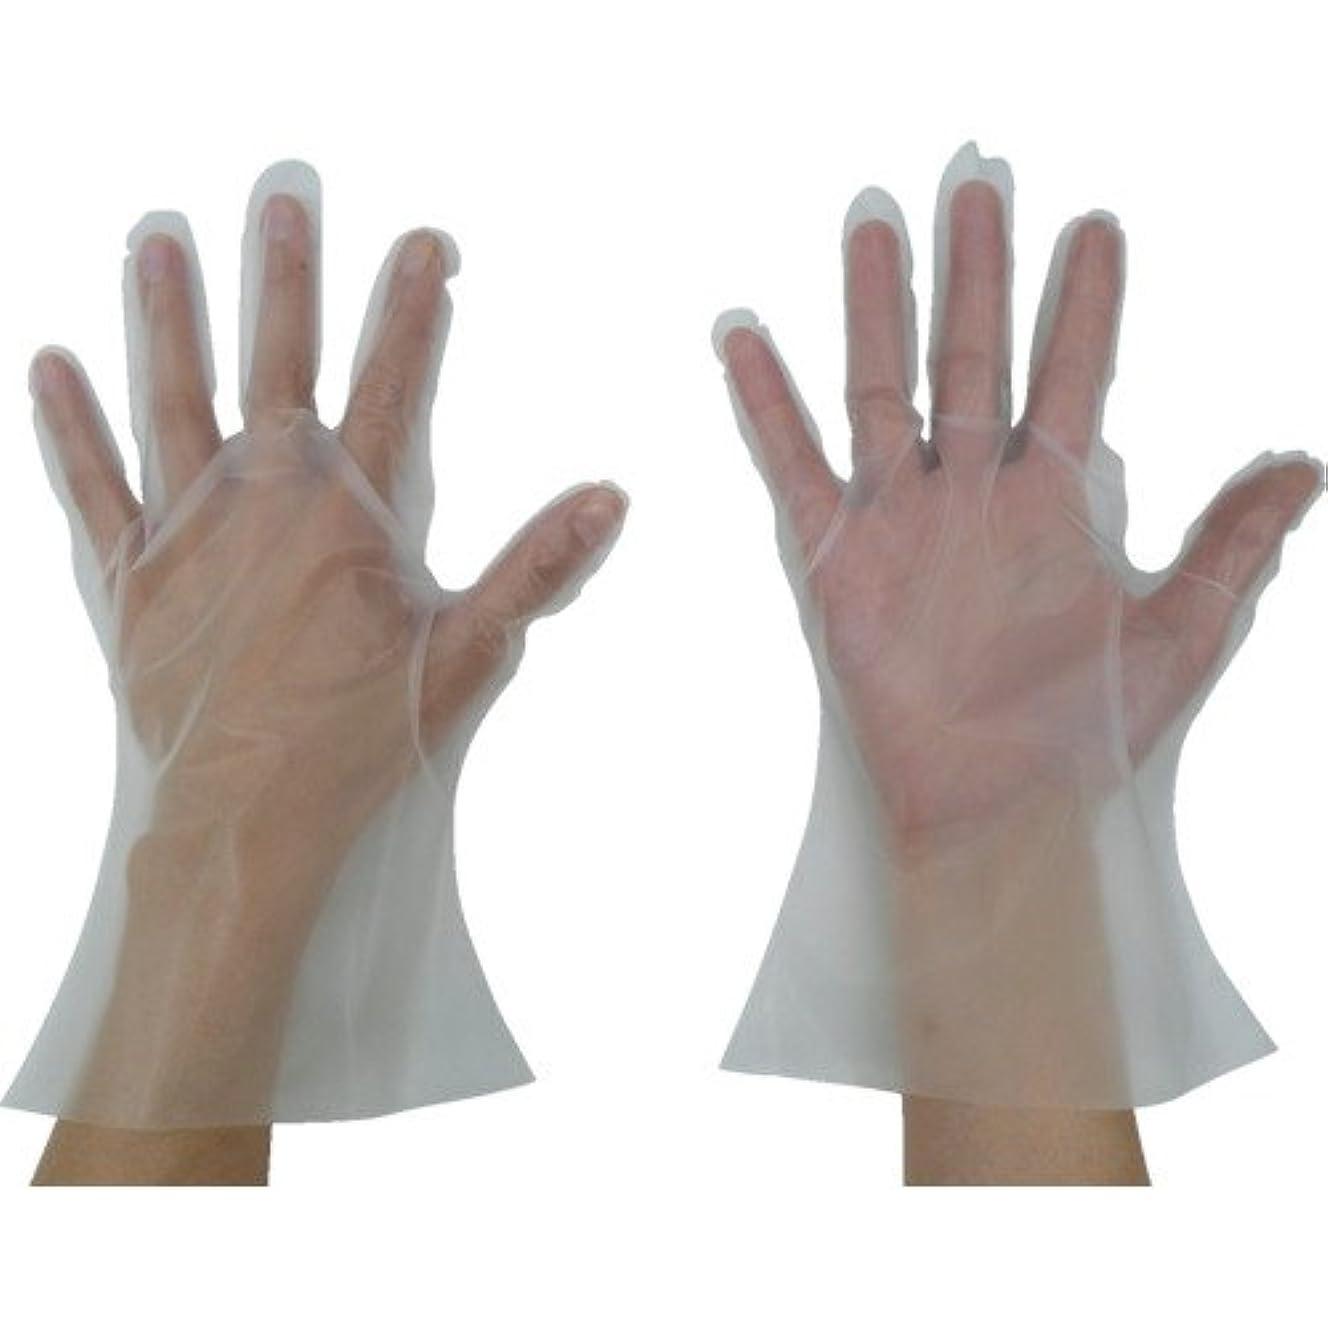 調和数よく話される東京パック S-HYBRIDグローブニューマイジャストL 半透明(入数:200枚) HN-L